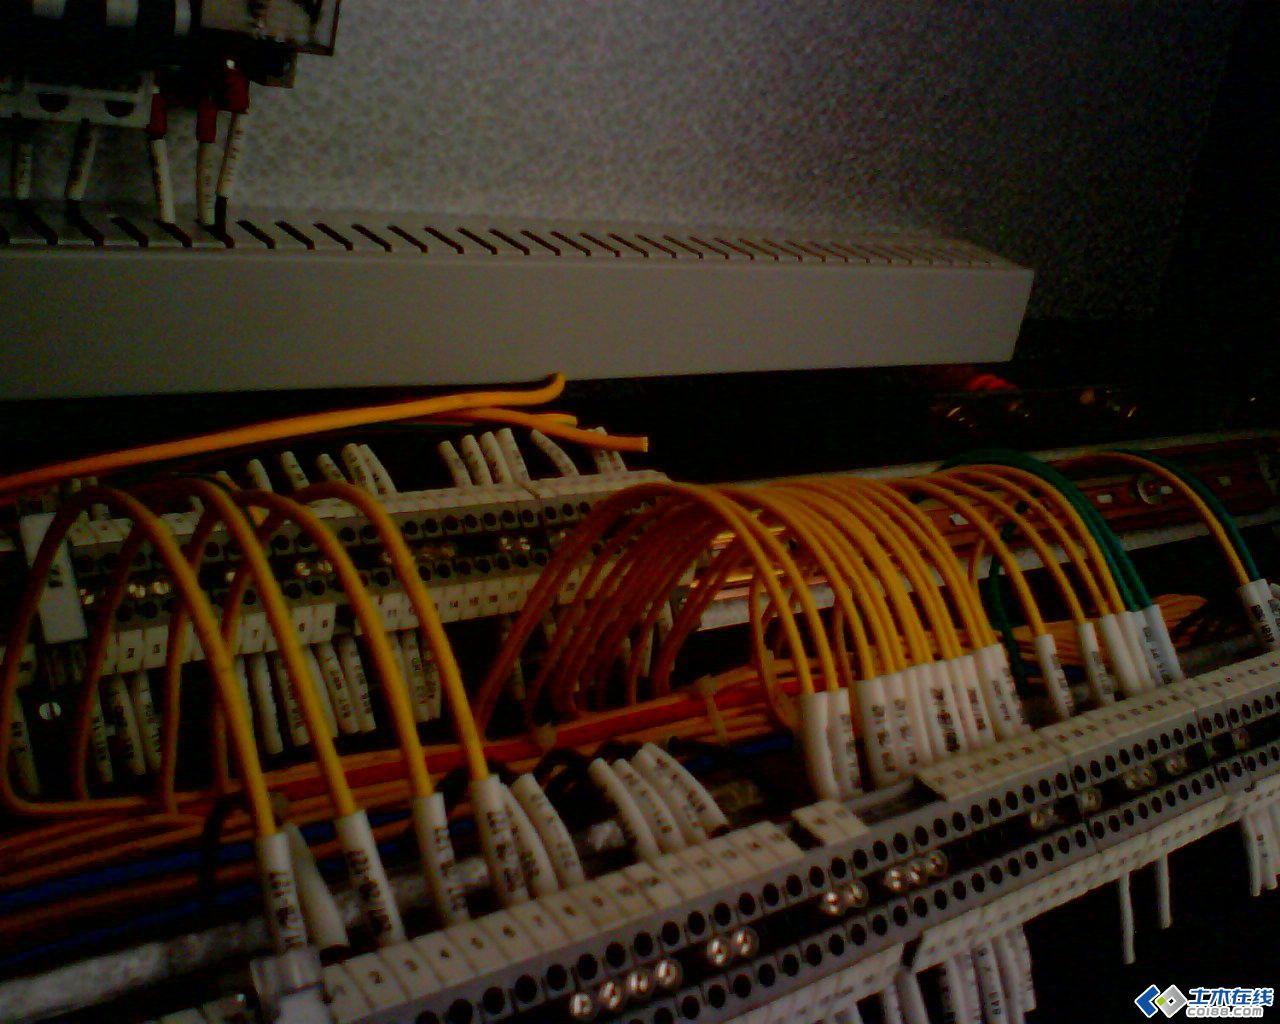 变电站电气二次接线工艺图片http://bbsfile.co188